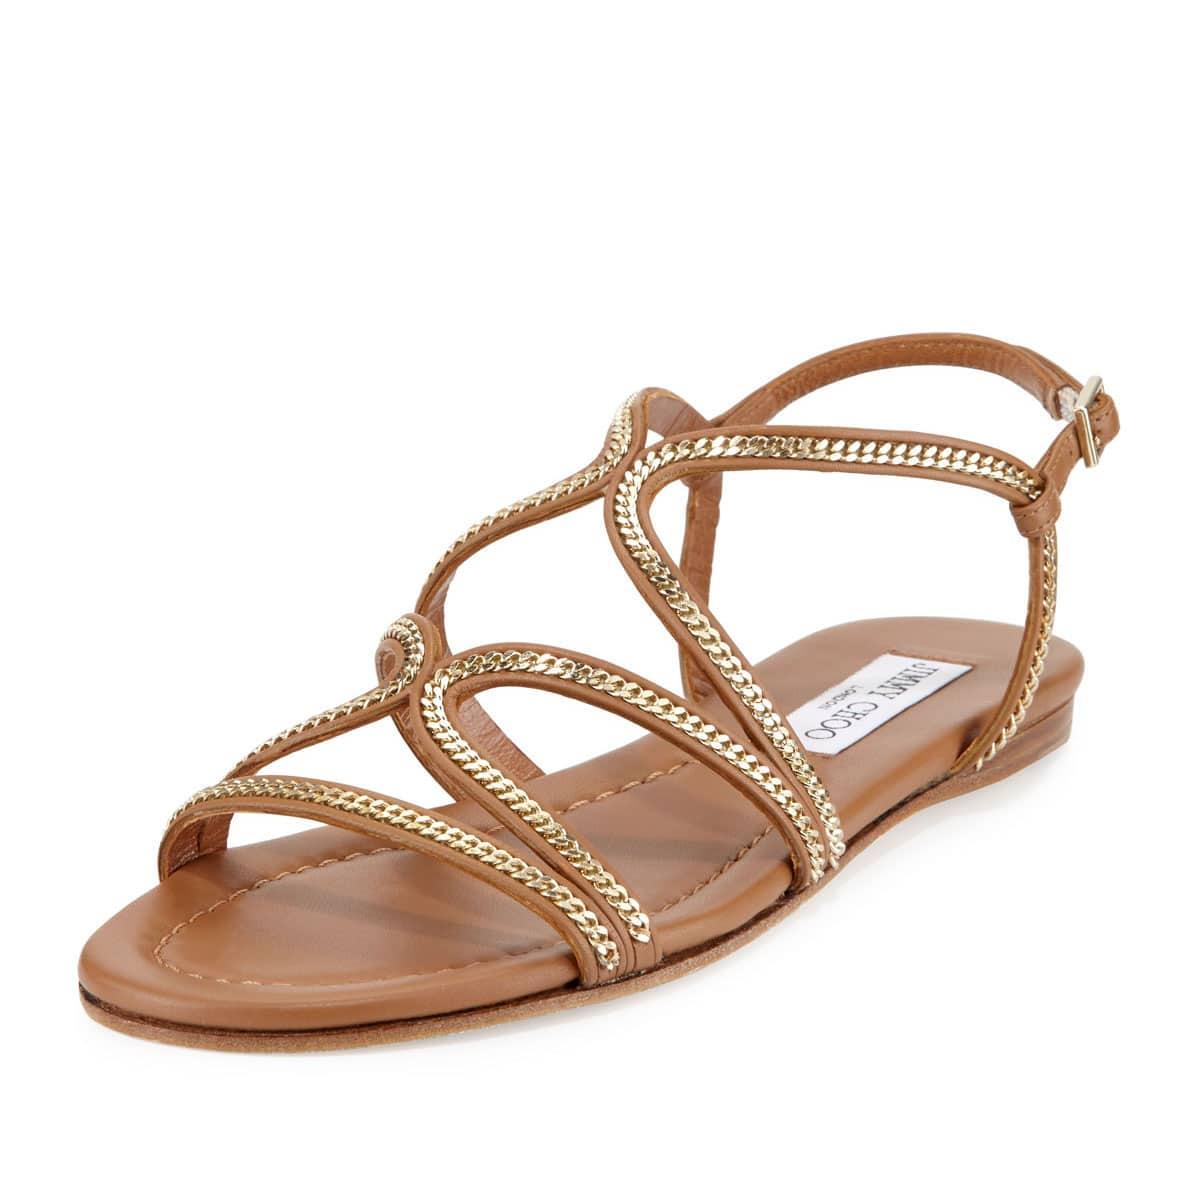 Jimmy Choo Flat Shoes Uk